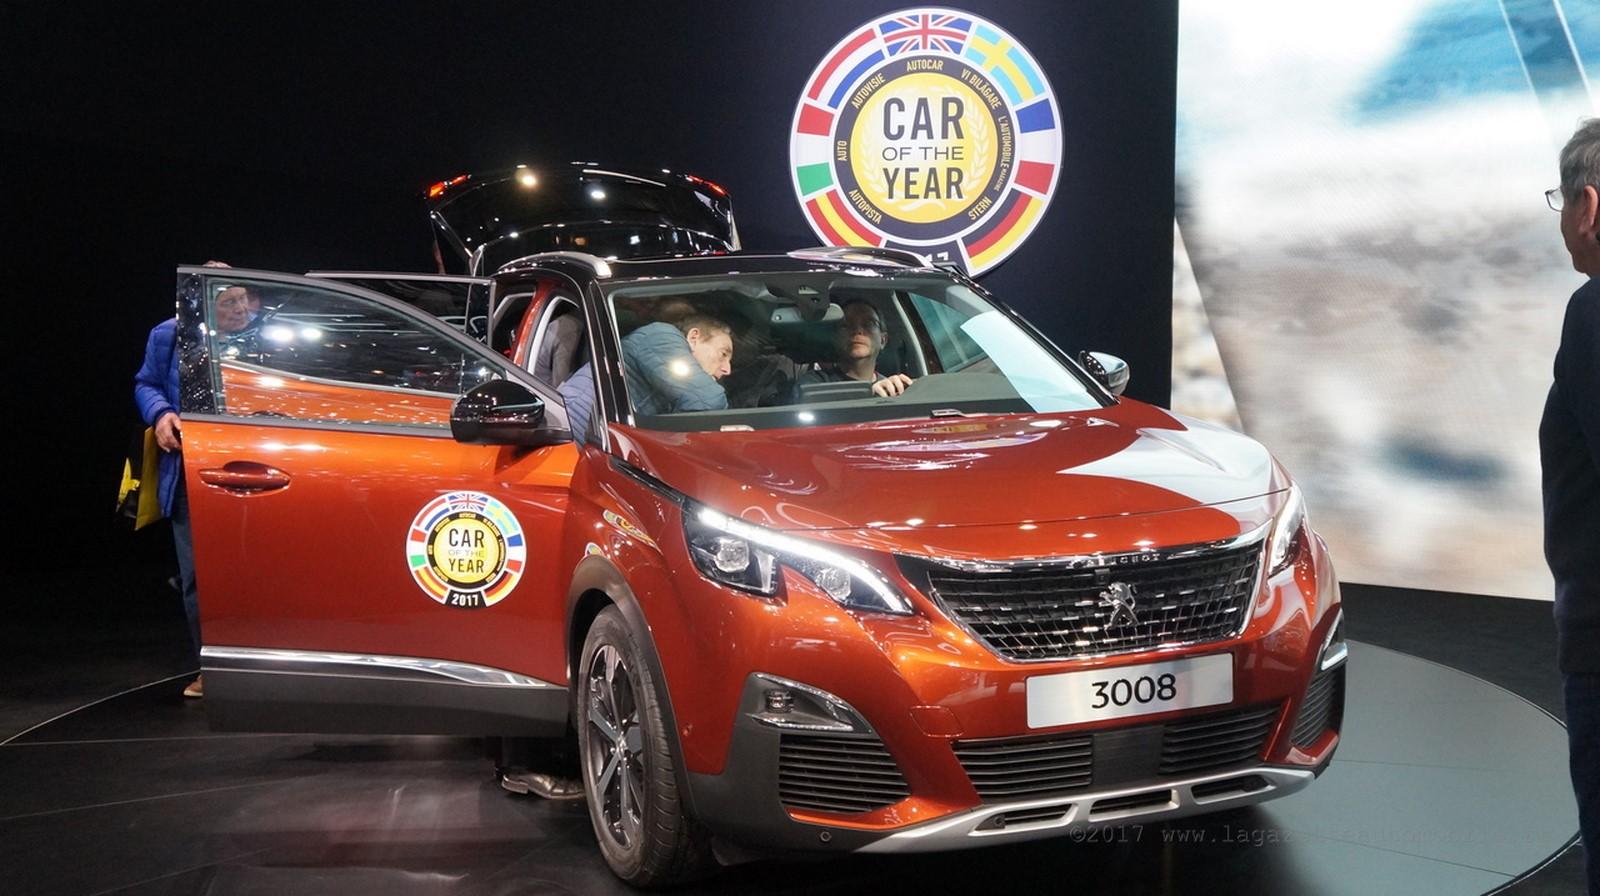 3008 voiture de l'année